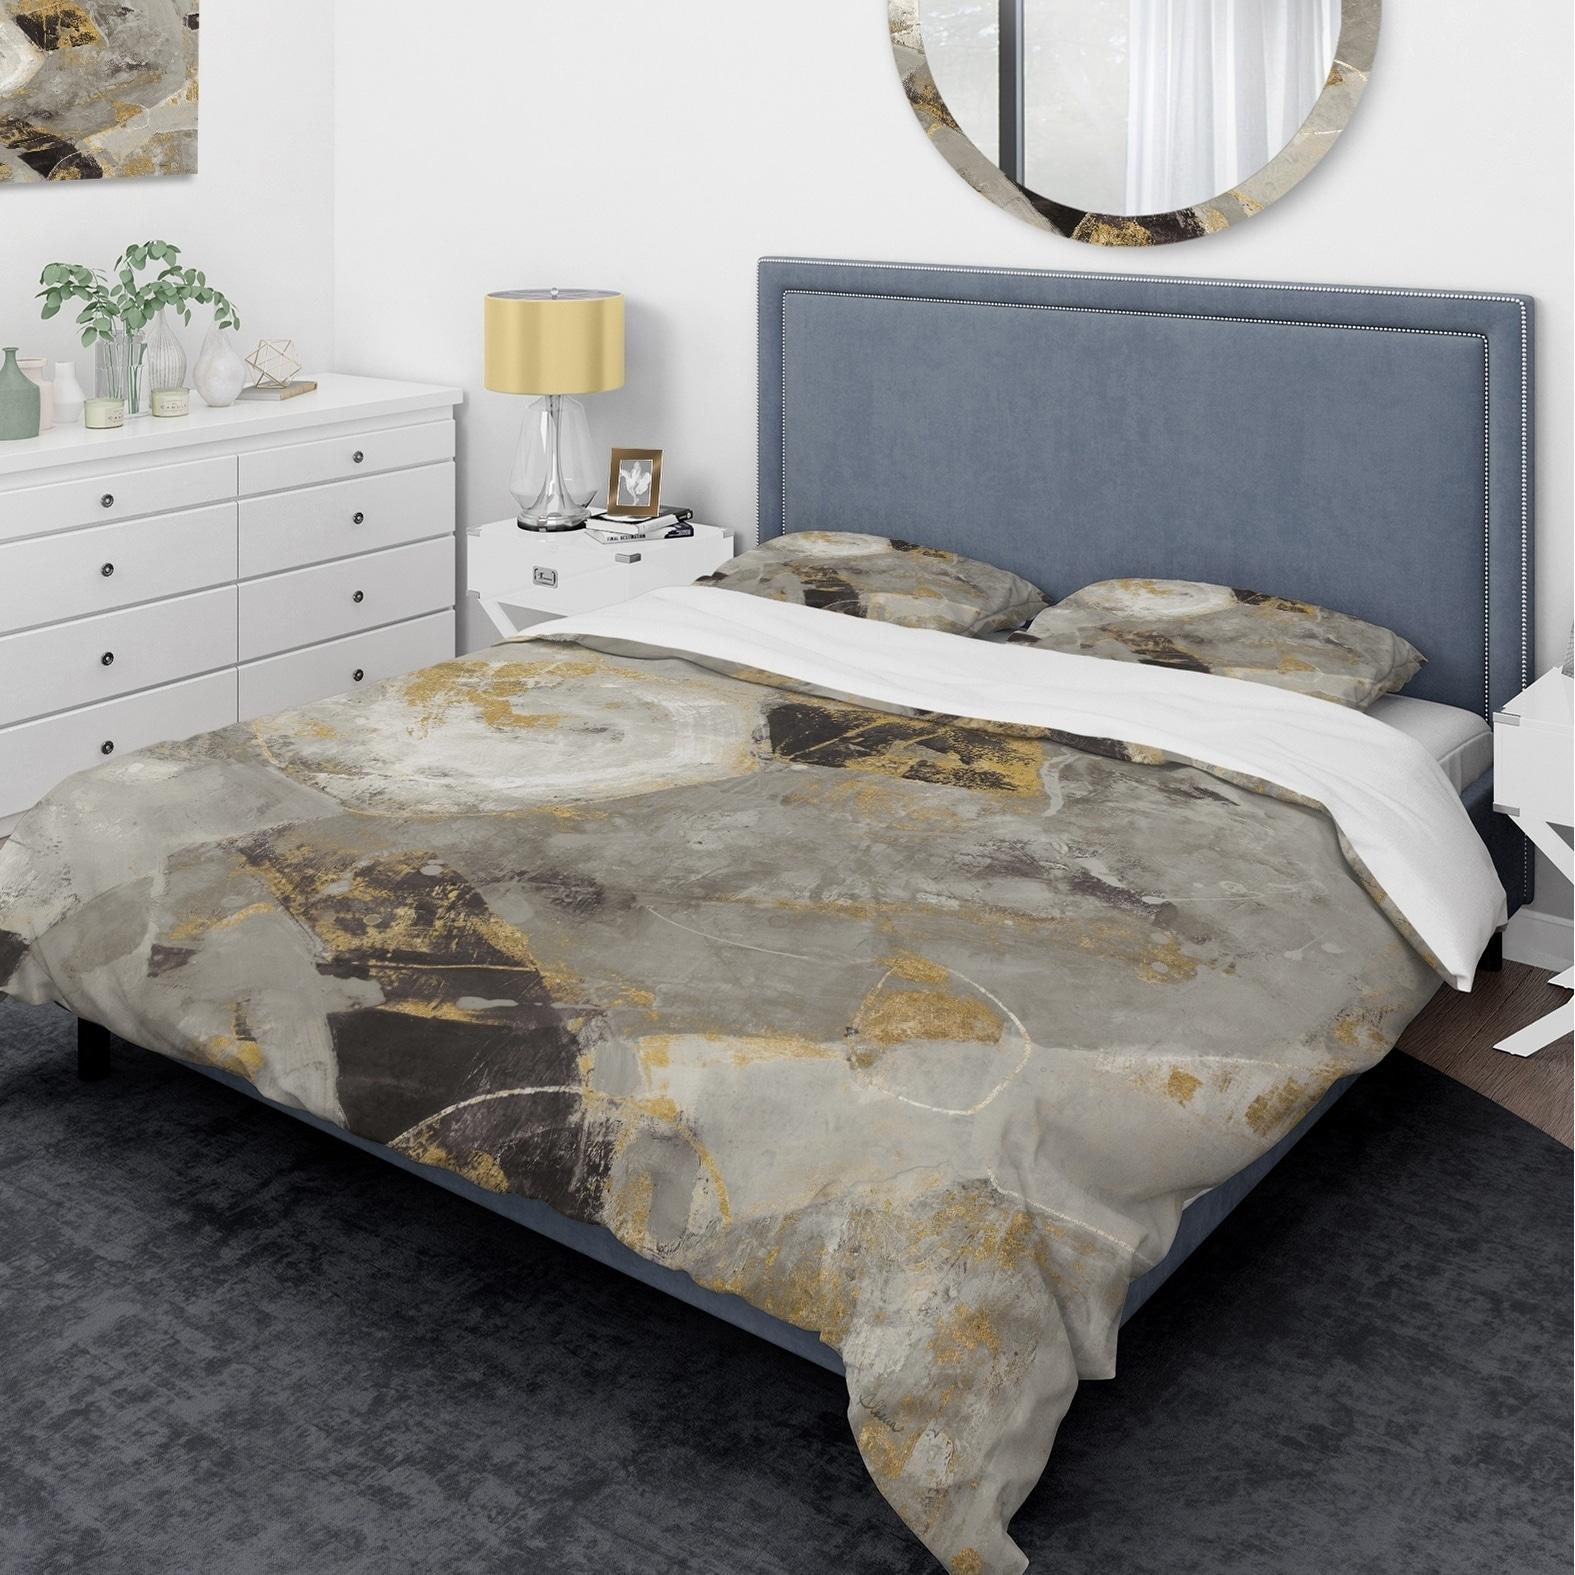 DESIGN ART Designart 'Glam Gold Desert Neutral' Glam Bedding Set - Duvet Cover & Shams